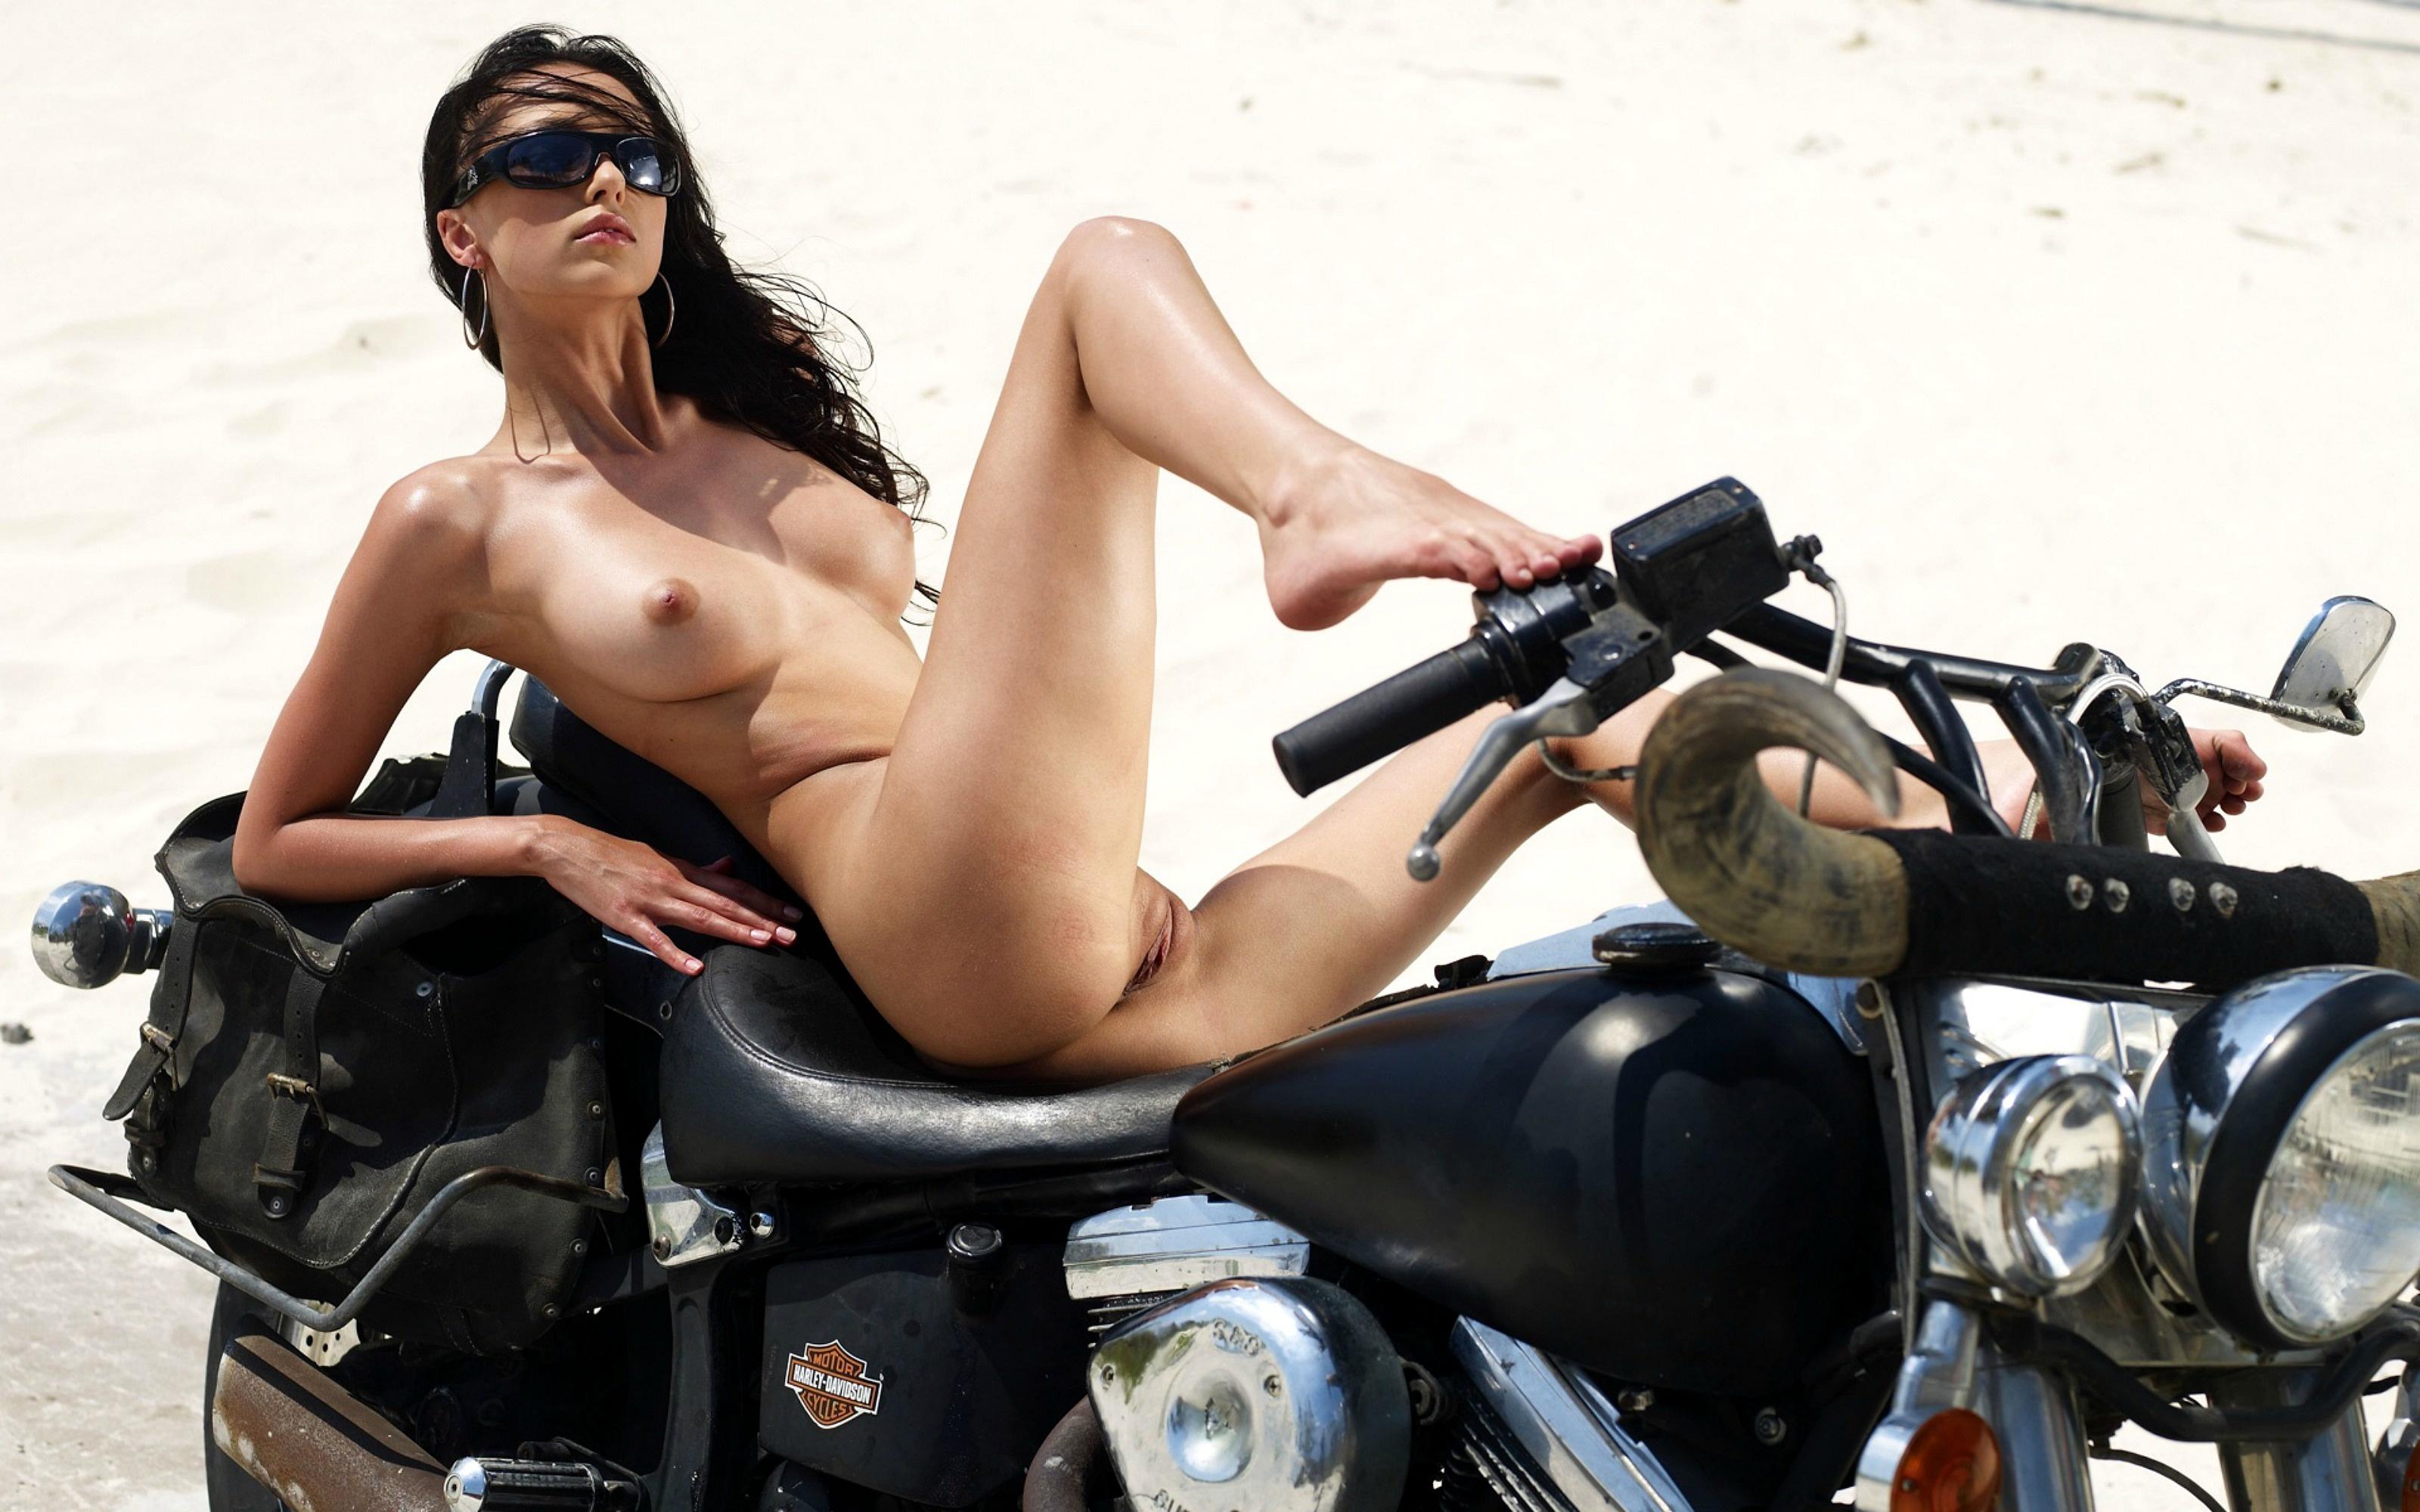 Motocross girl nude ass